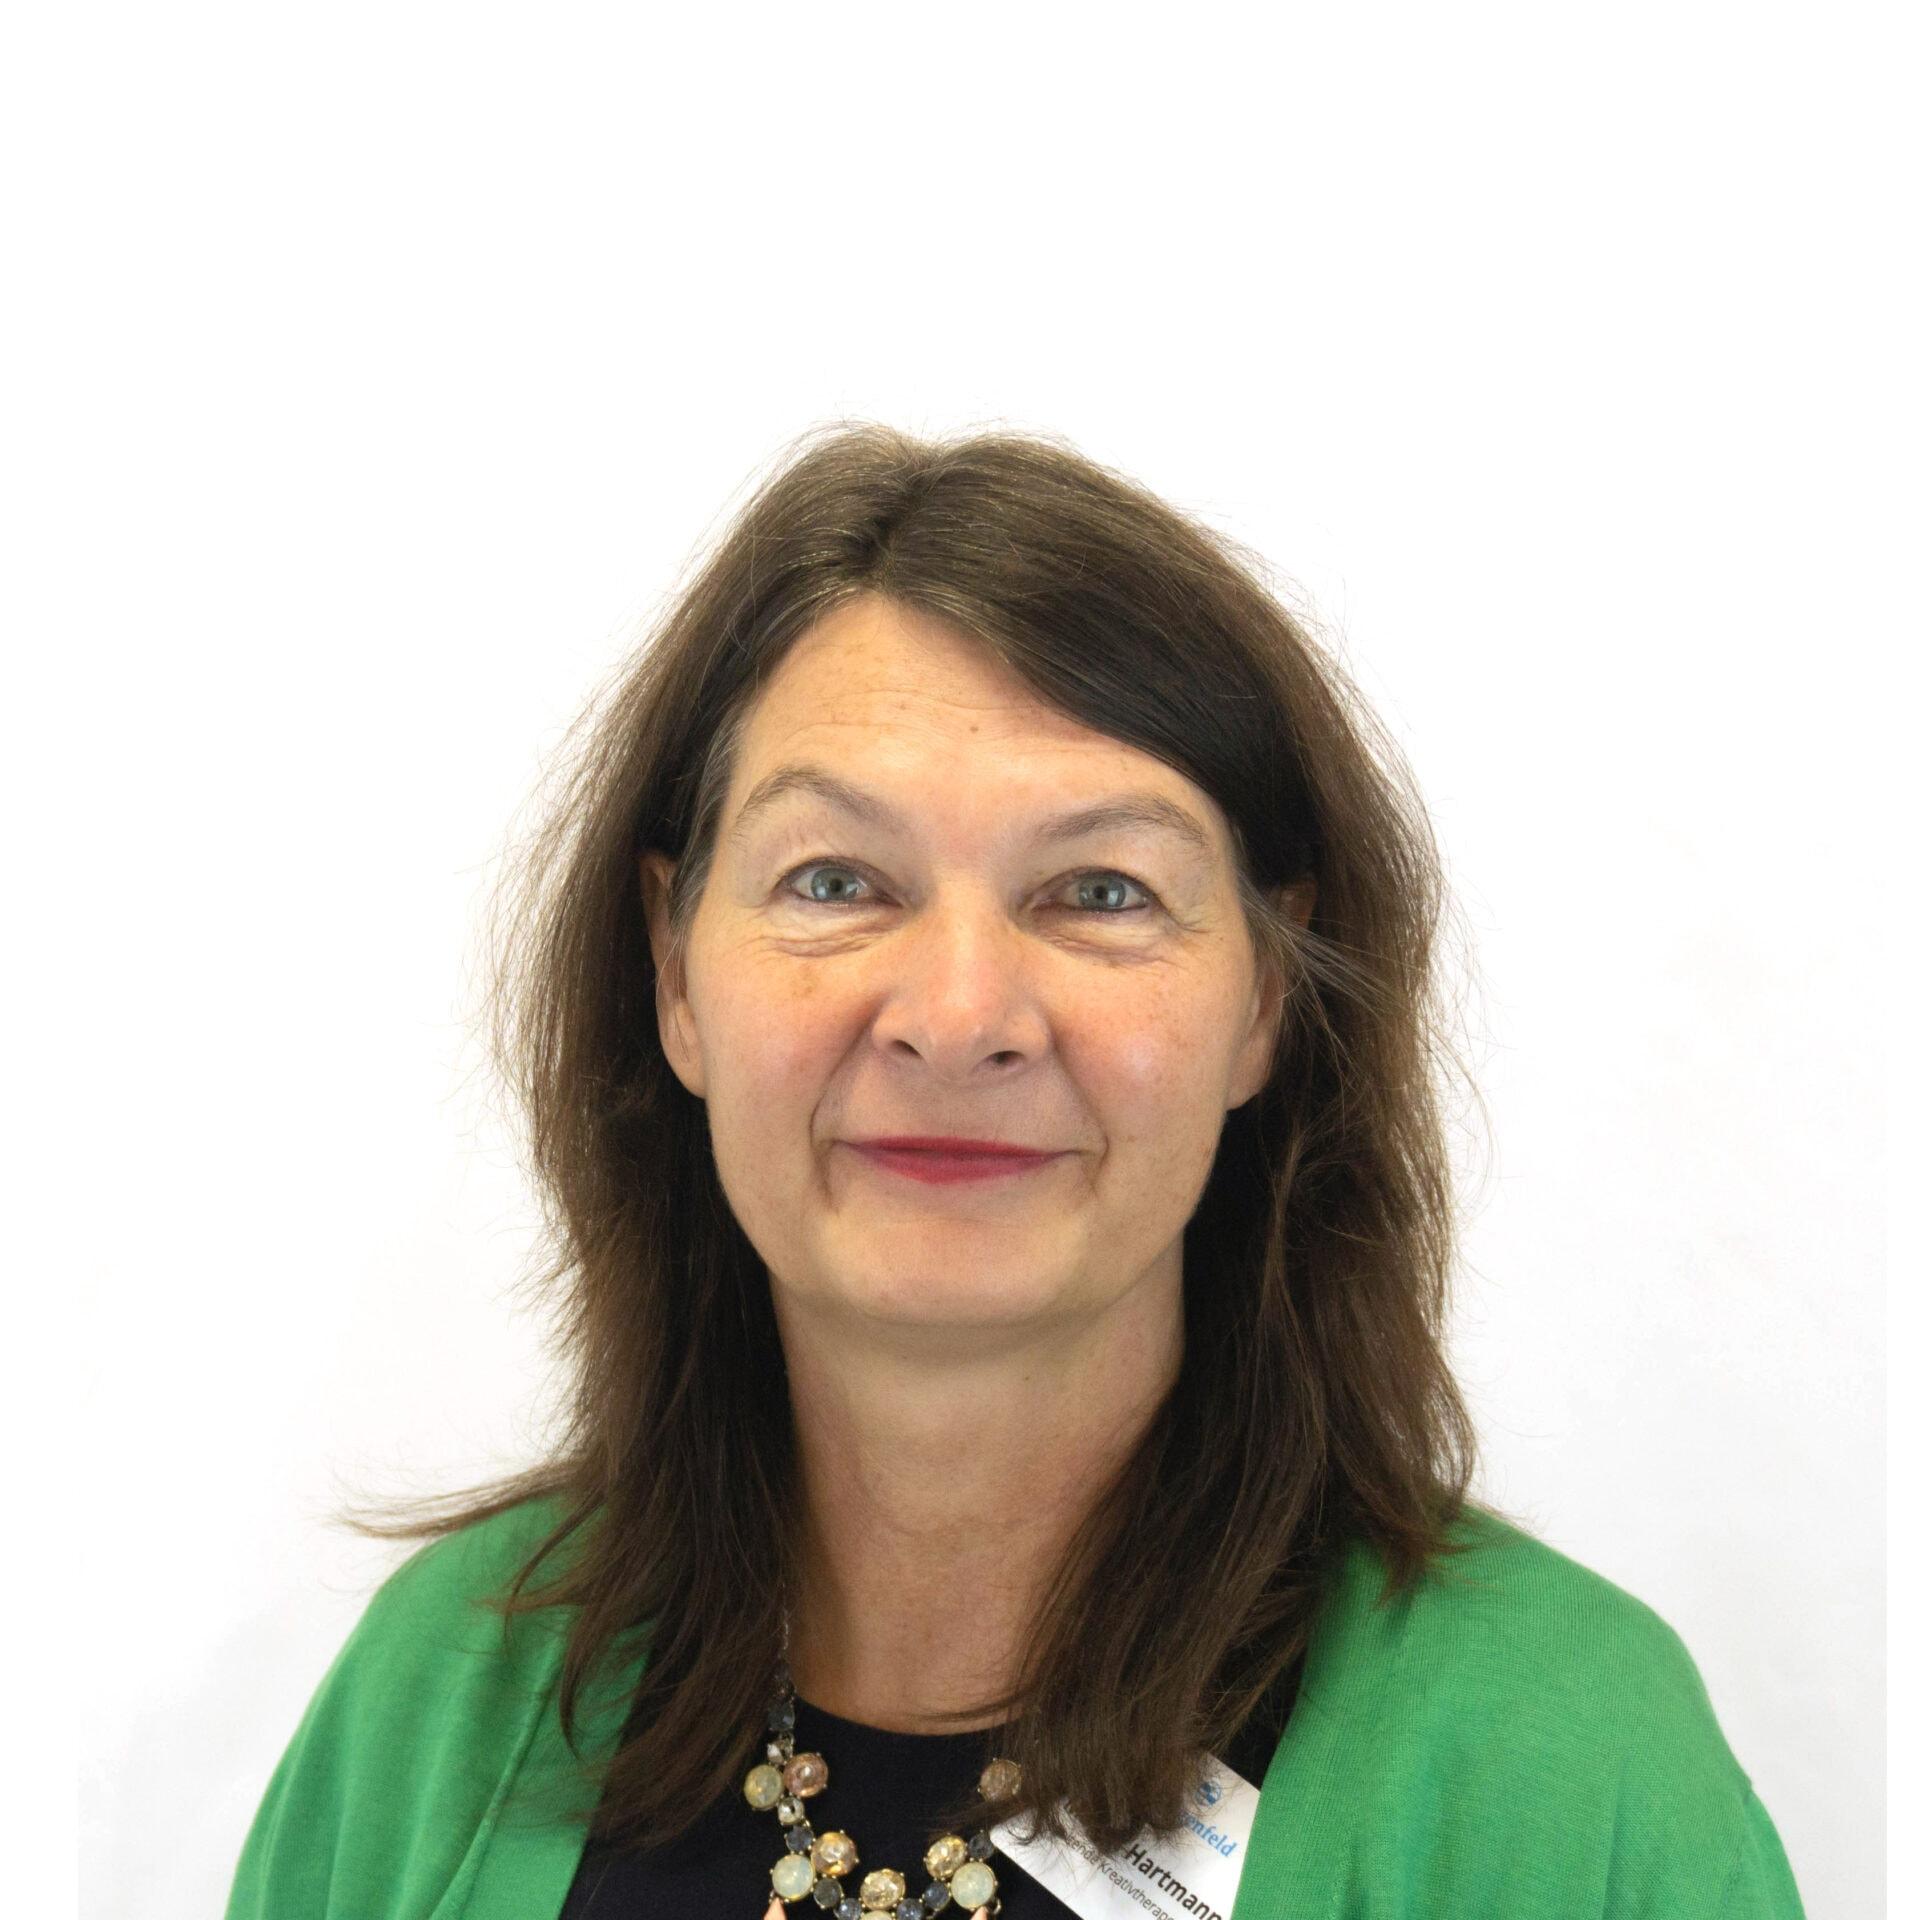 Margit Hartmann